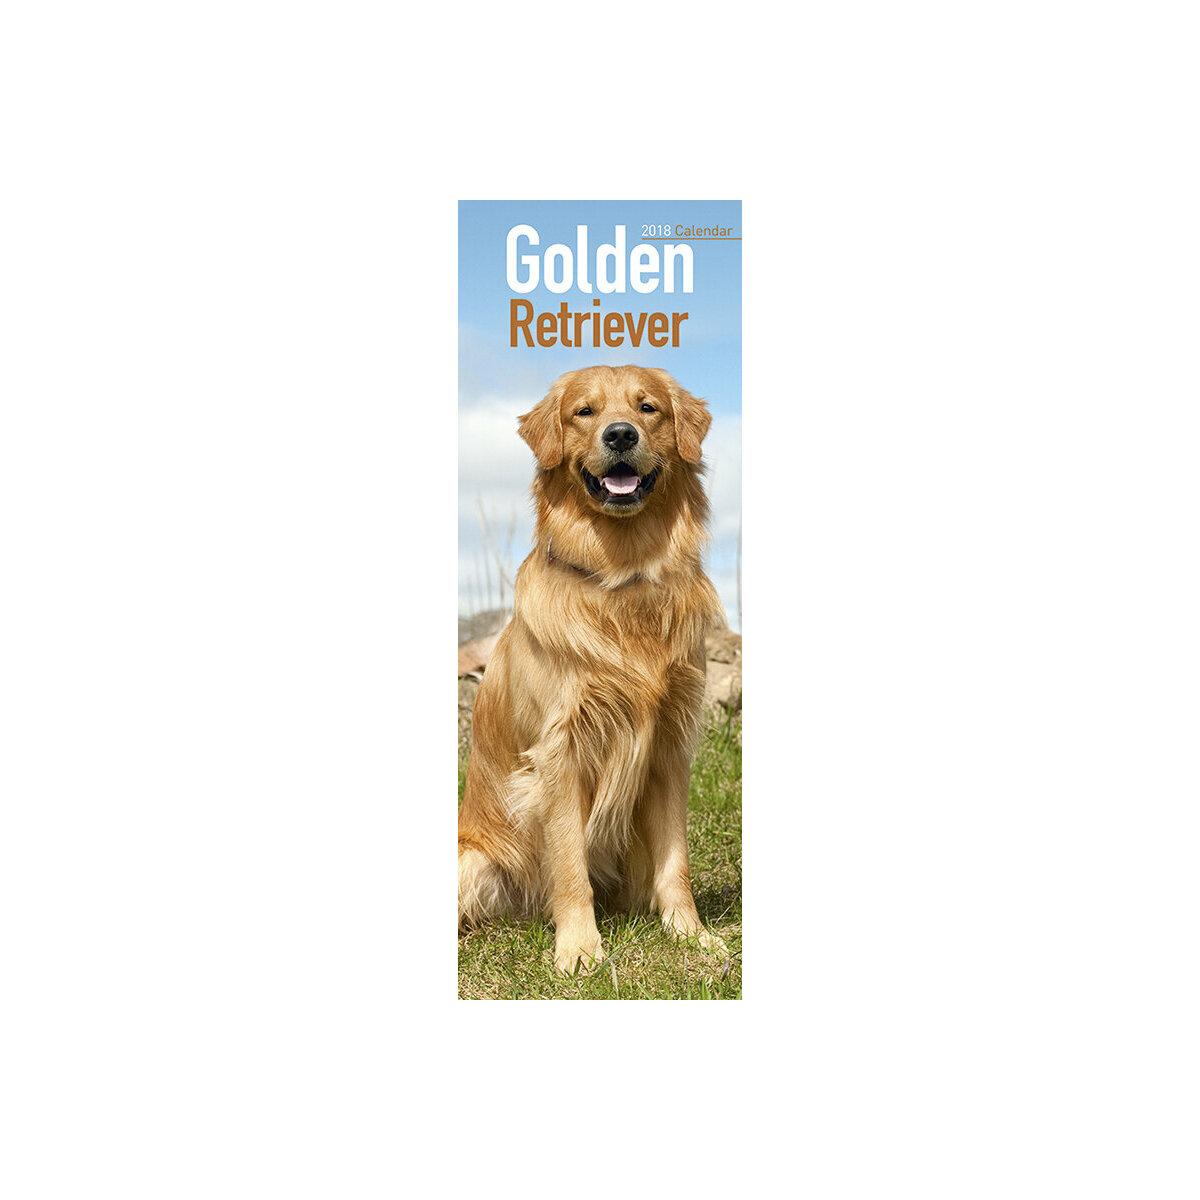 Calendrier 2018 Golden retriever